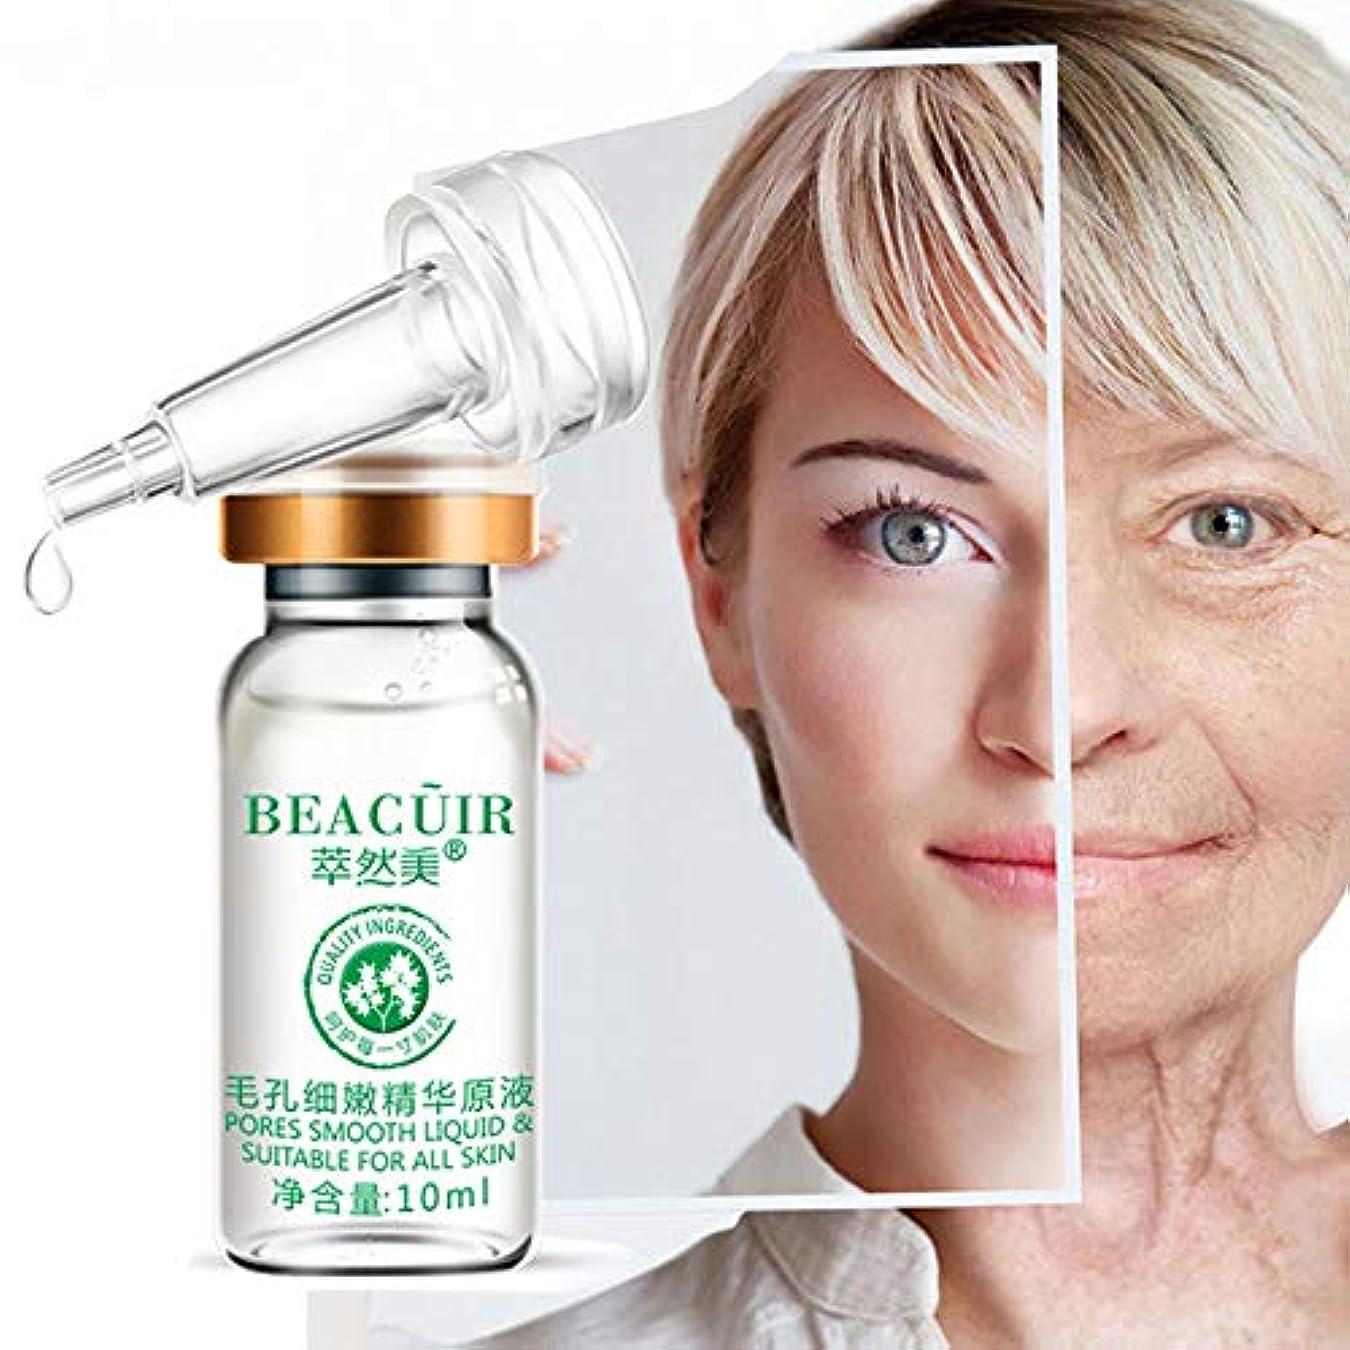 毎月キャリア頬Akane BEACUIR 天然 水分 肌の明るさ 修復 美白 繊細 しわ取り 毛穴縮小 保湿 黒ずみ 角質除去 肌荒れ防止 くすんだ肌を改善し エッセンス 10ml